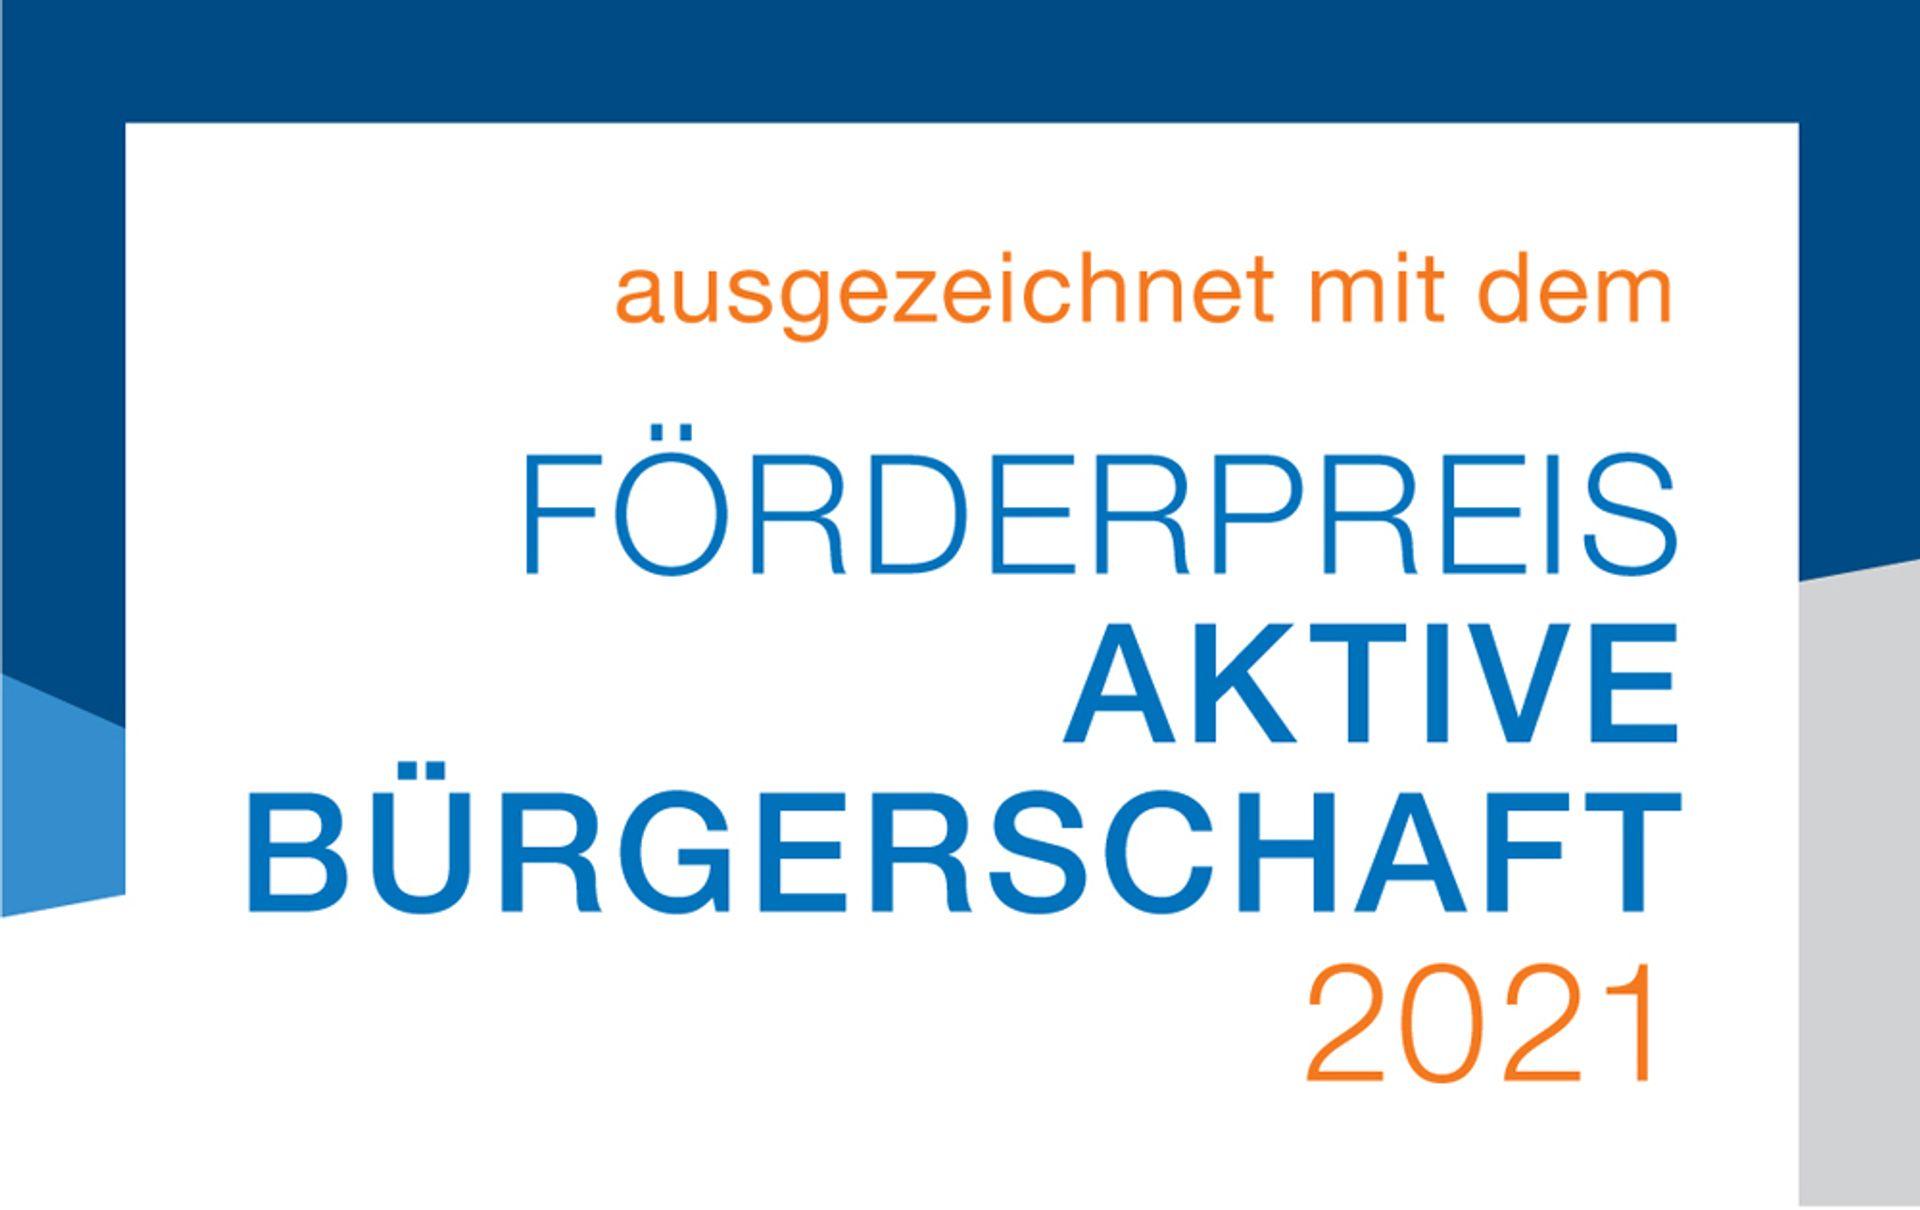 Förderpreis Aktive Bürgerschaft 2021: Wir sind unter den Gewinnern!